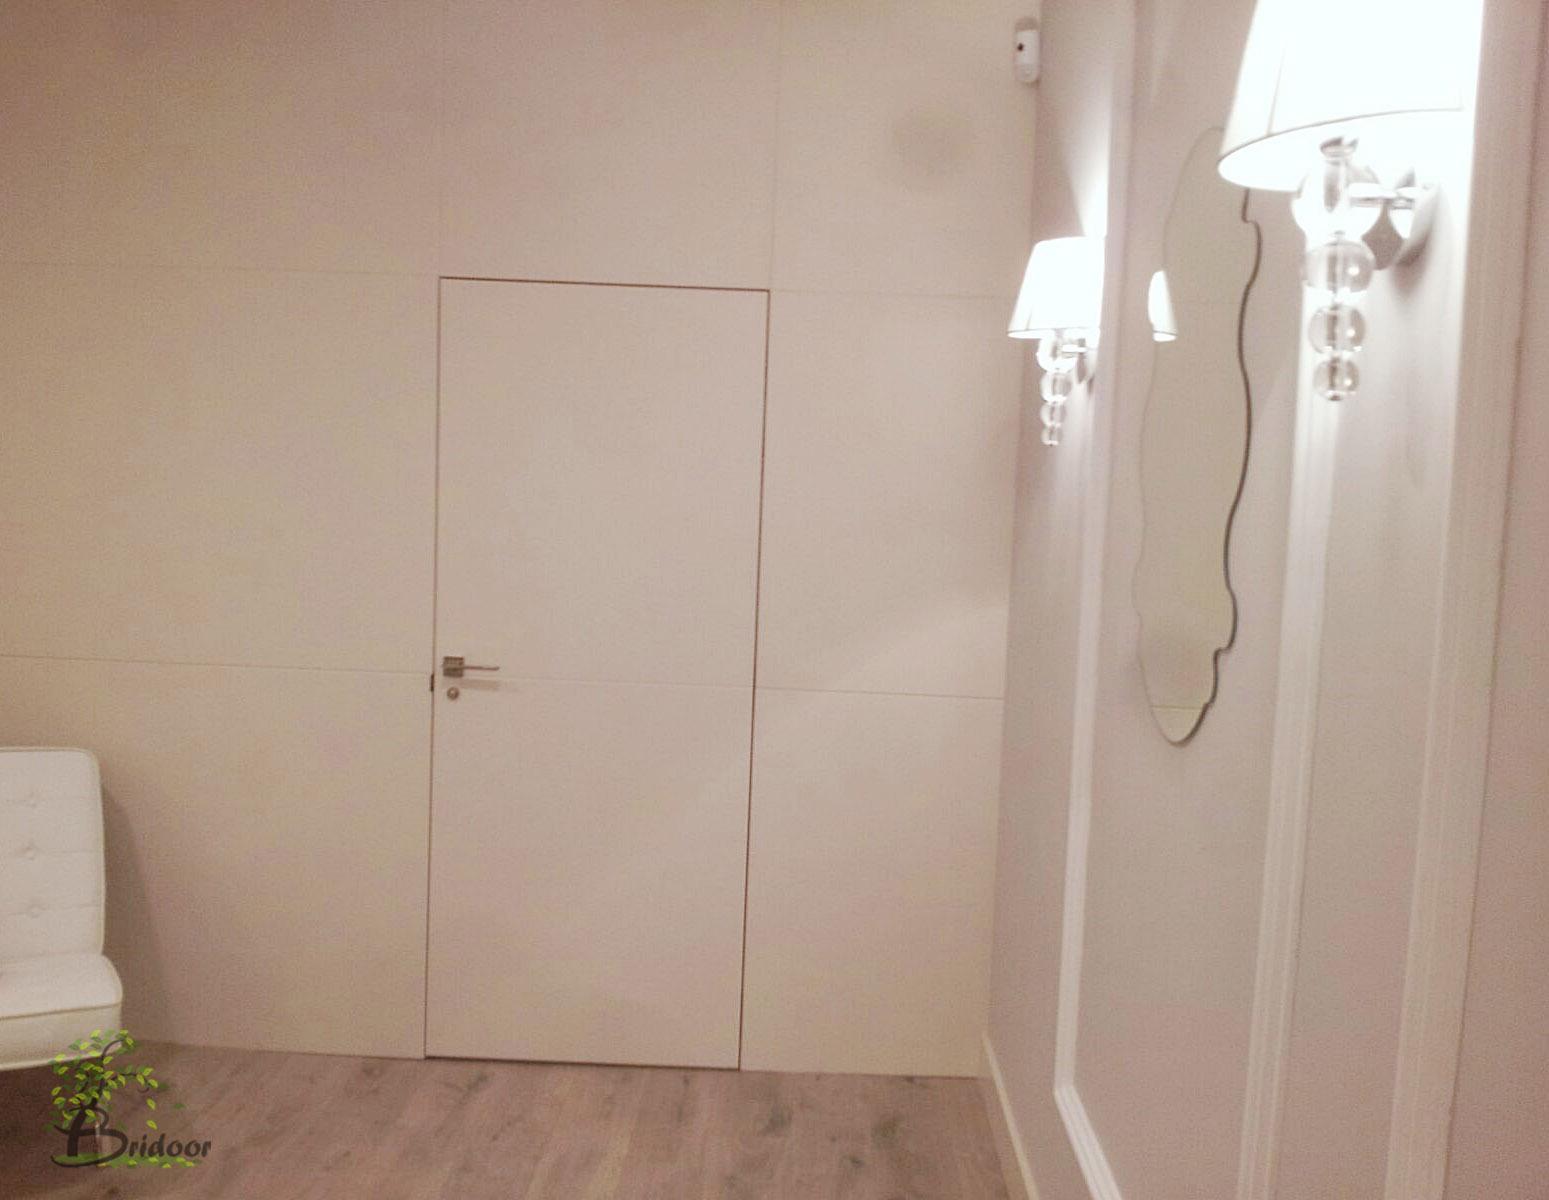 Bridoor s l noor secret obra integral con mobiliario lacado - Panelados para paredes ...